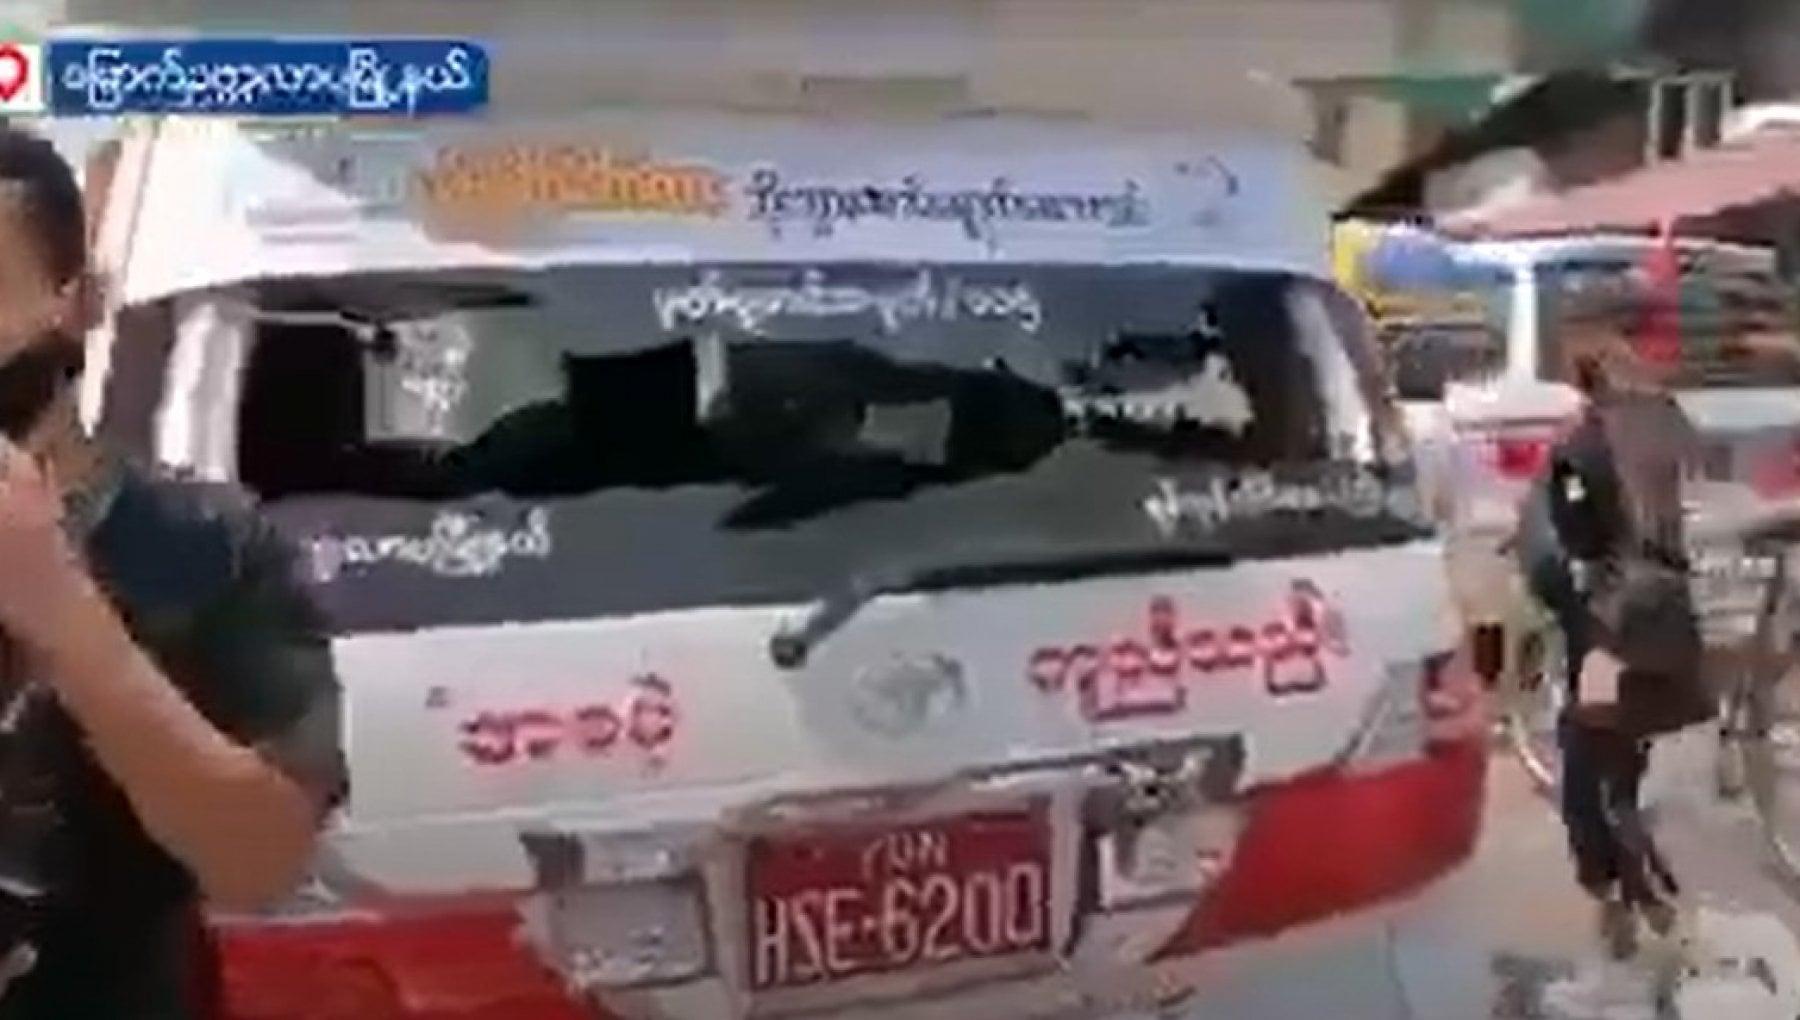 162238255 ba7adaf7 04b2 491c b5e3 97965d705318 - Myanmar, proiettili italiani usati dalla polizia in una sparatoria contro un'ambulanza